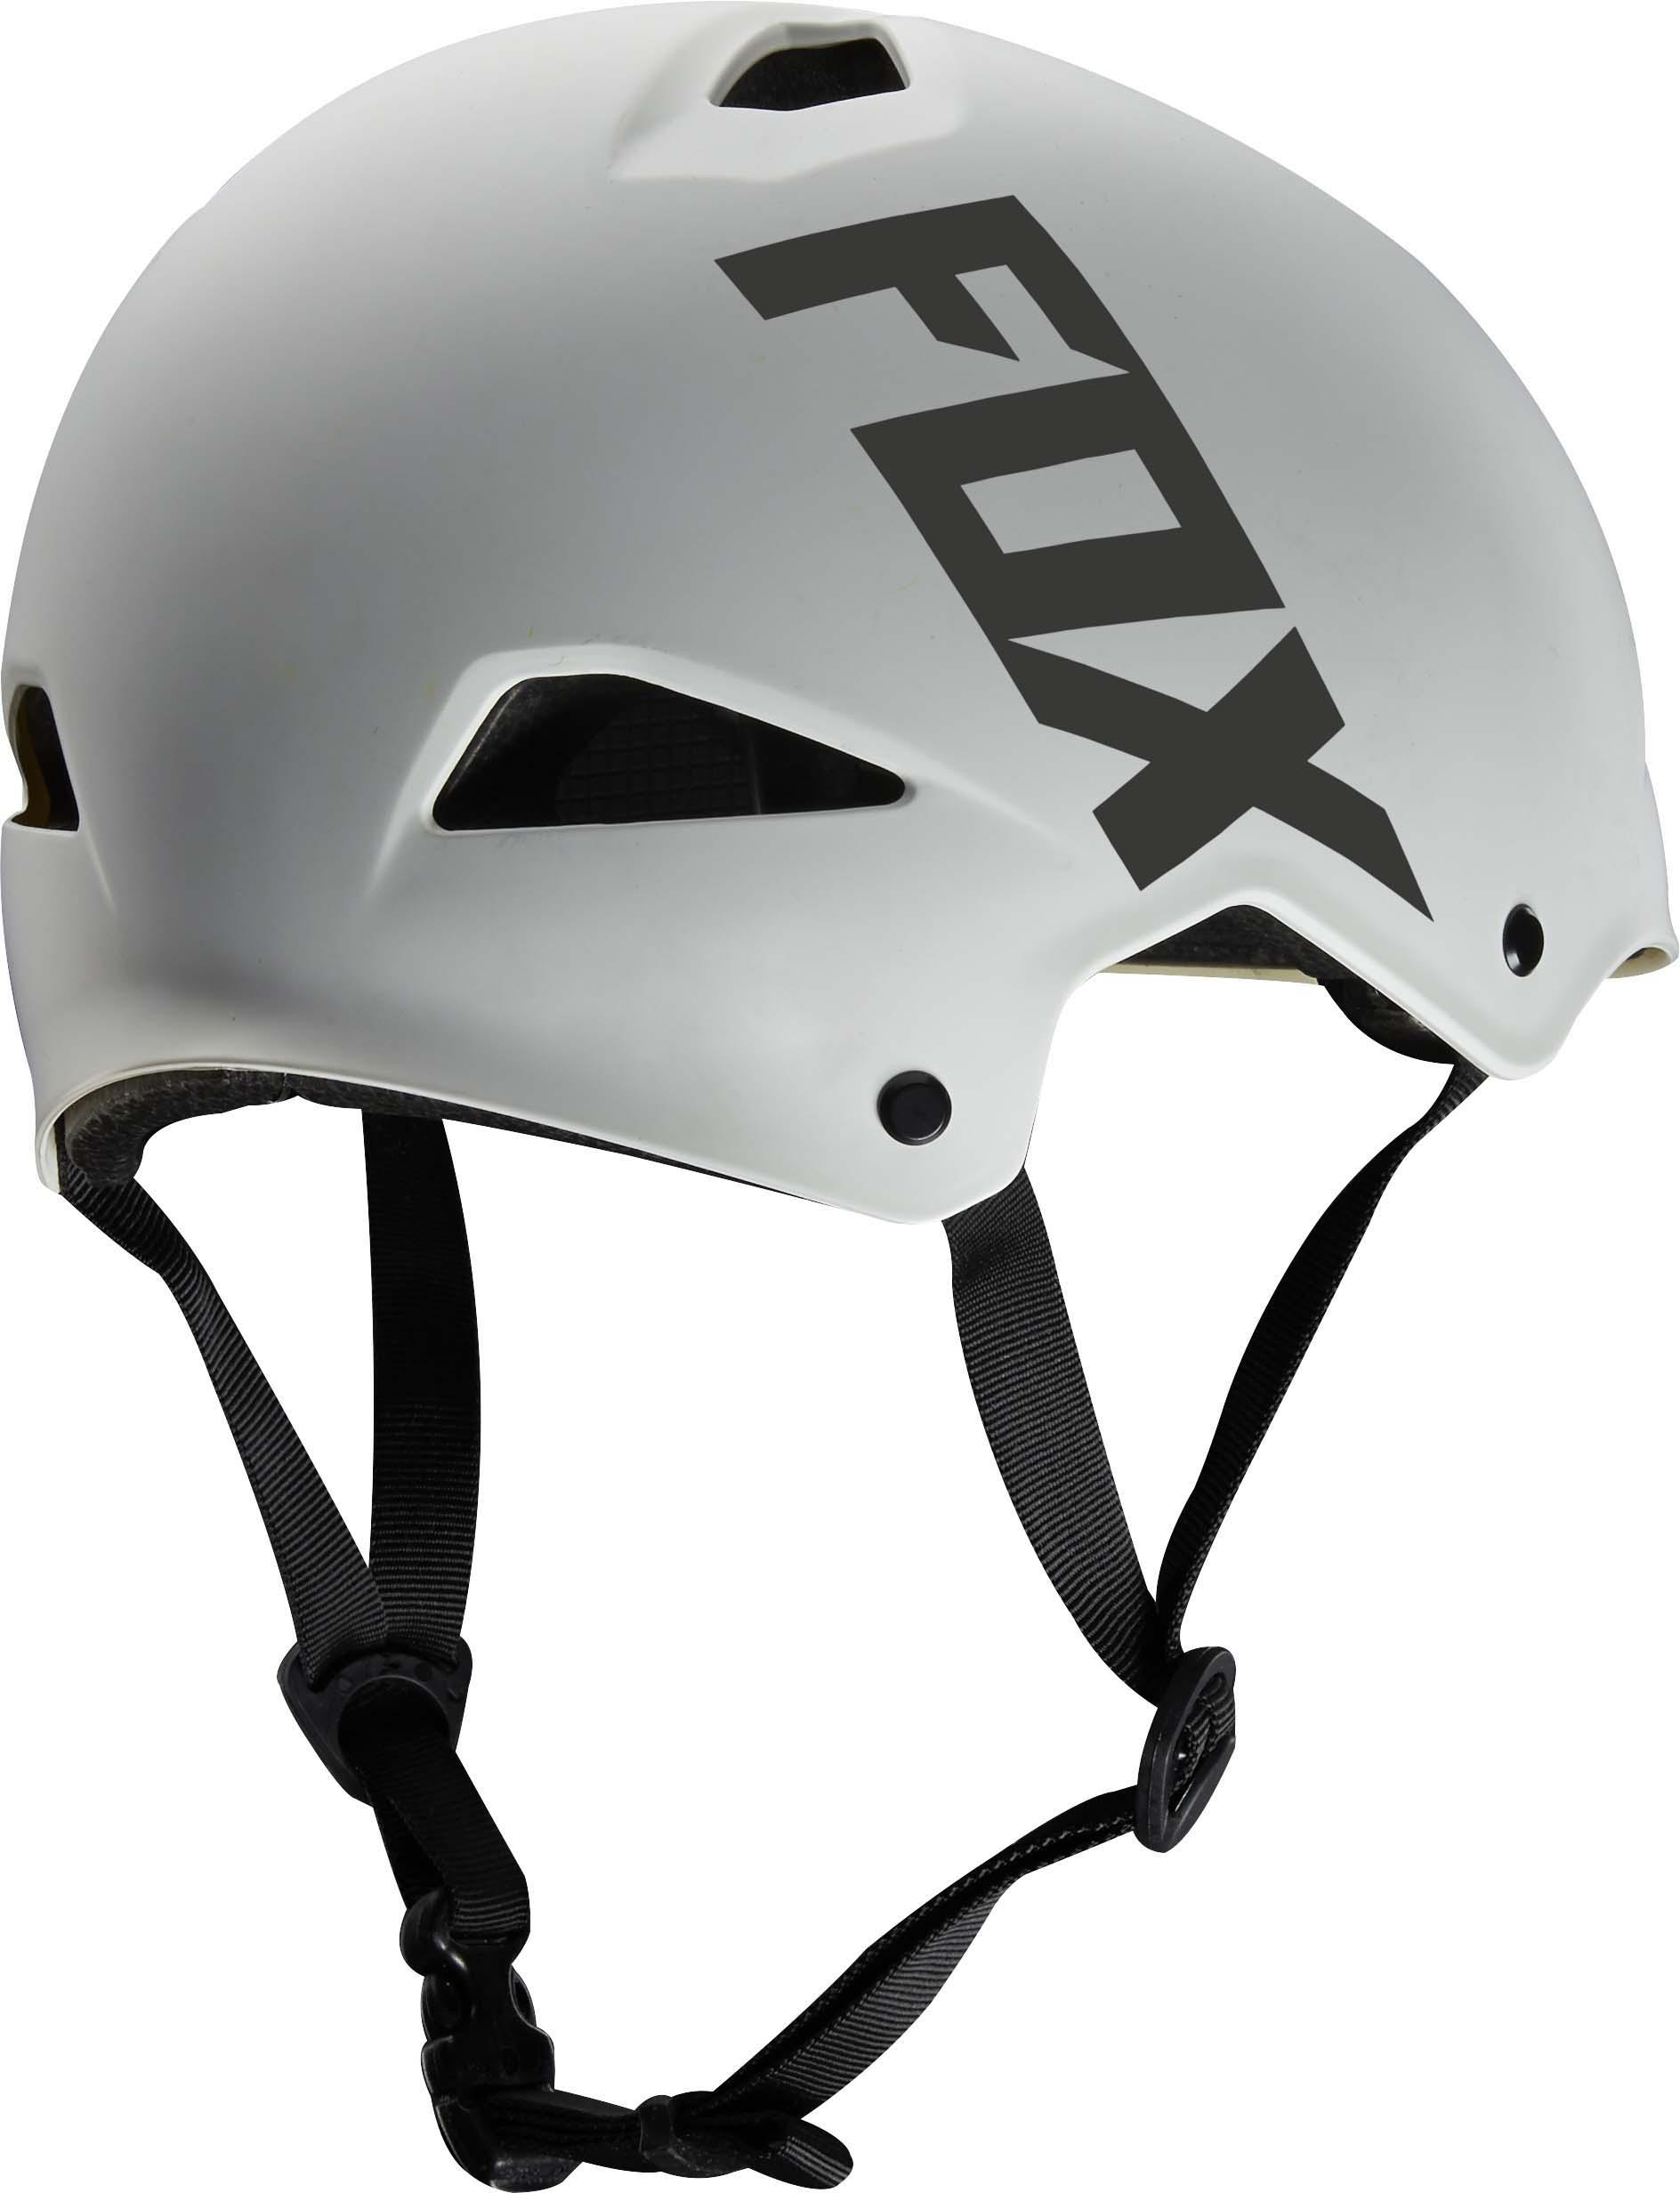 Fox-Head-Flight-Sport-Trail-Bike-Dirt-Jump-Adult-Protective-Helmet thumbnail 22